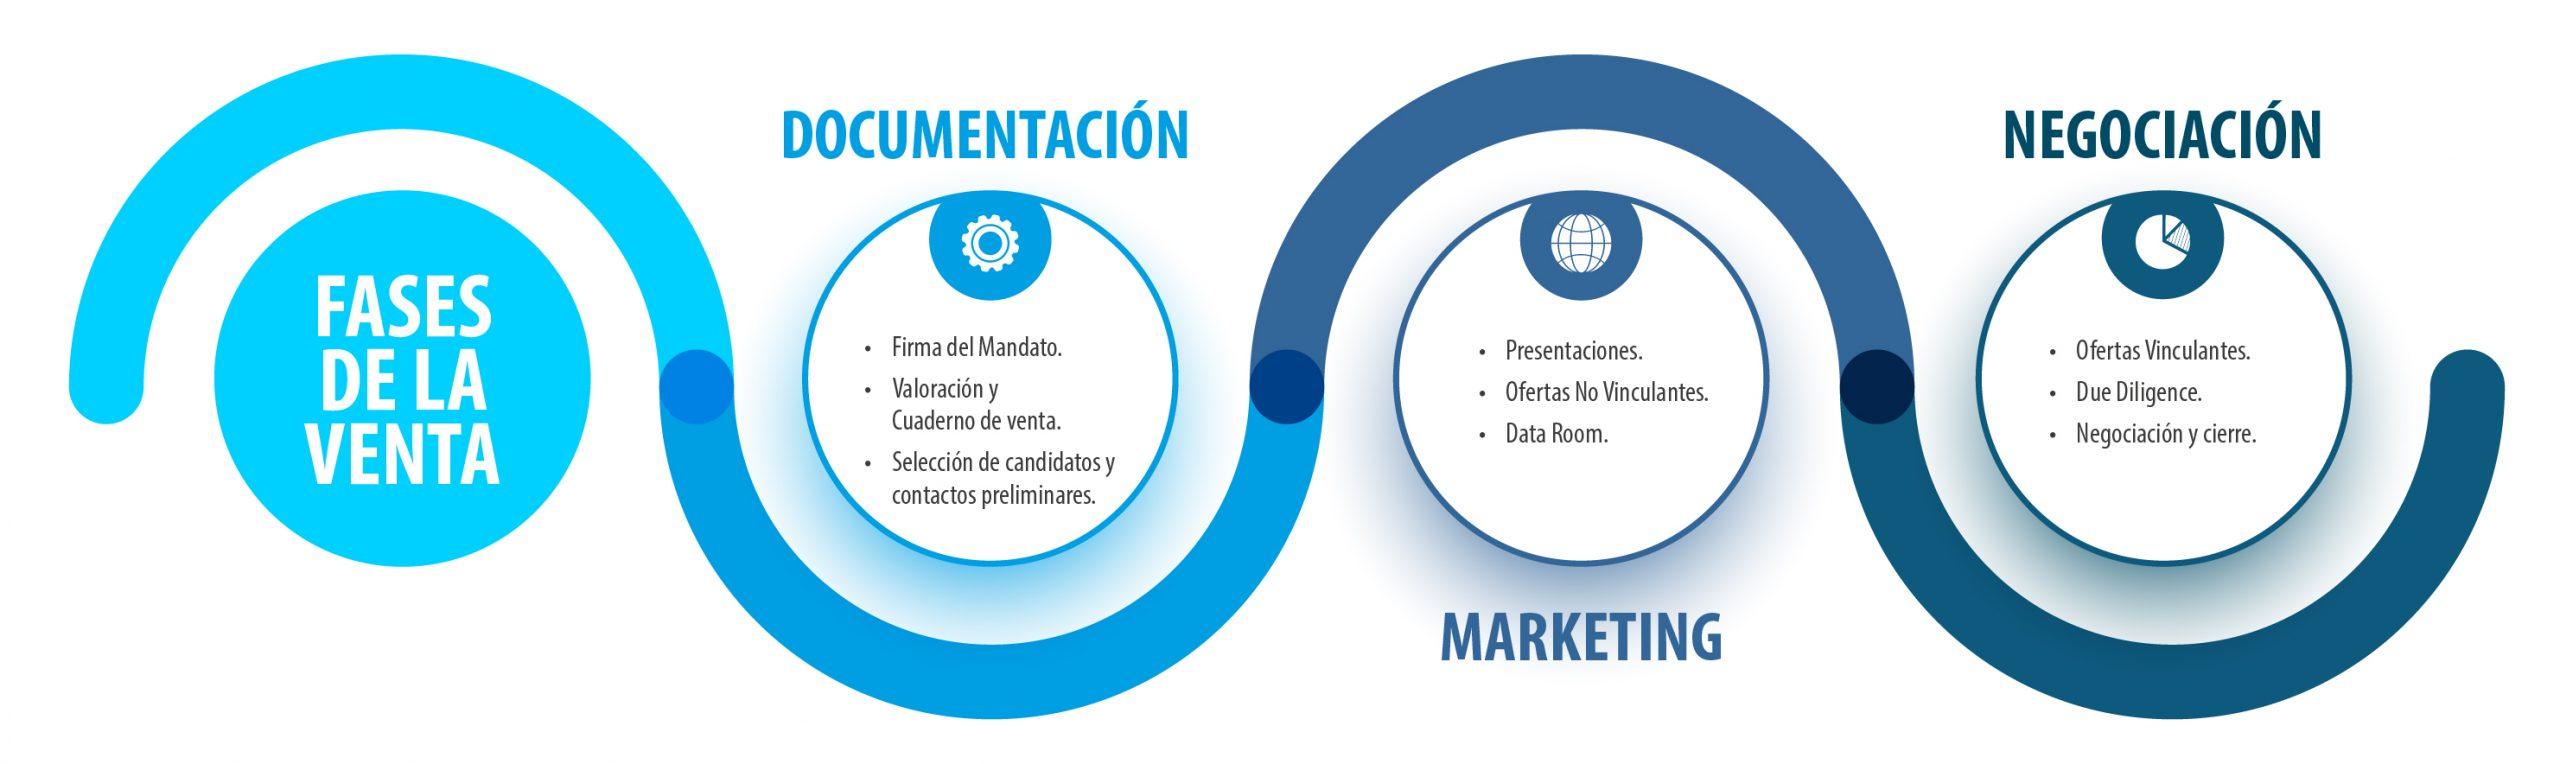 Gráfico de las Fases de la Venta: Documentación, Marketing y Negociación